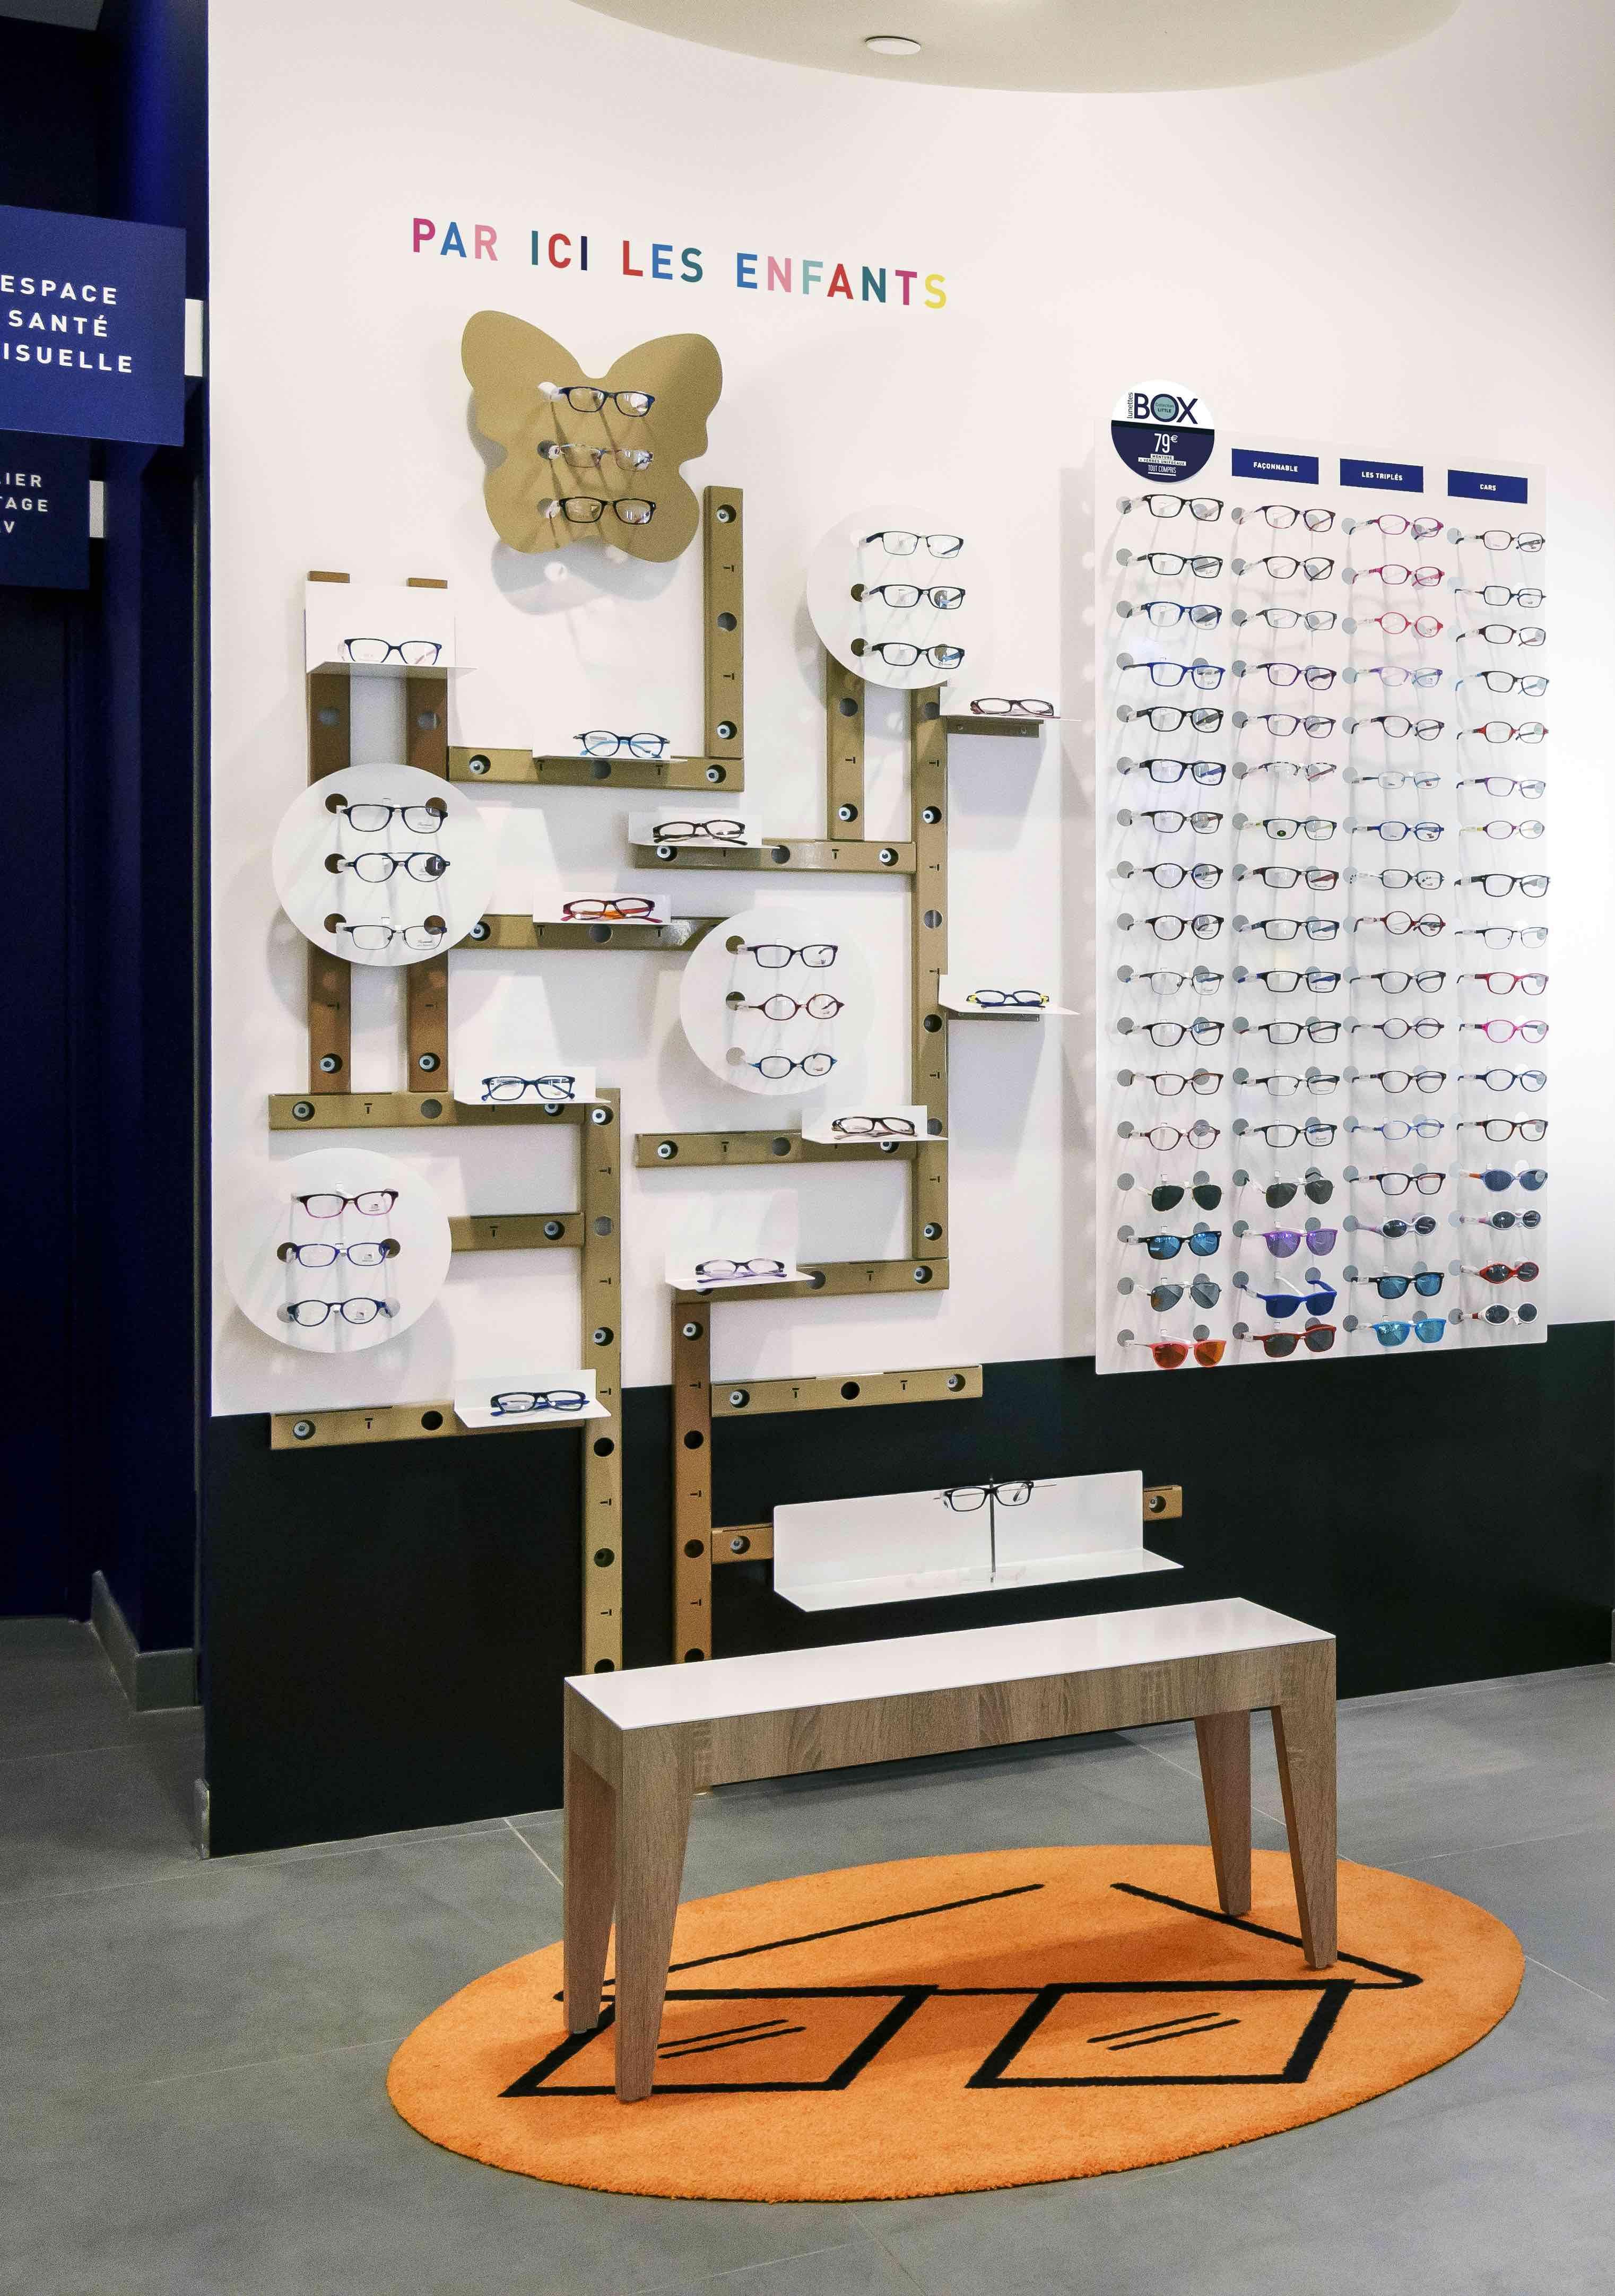 b91db318f35b2b Lunettestore vous simplifie la vue... et celle de vos enfants !  design   conceptstore  opticien  vitrine  lunettes  lunetier  visagisme  enfant